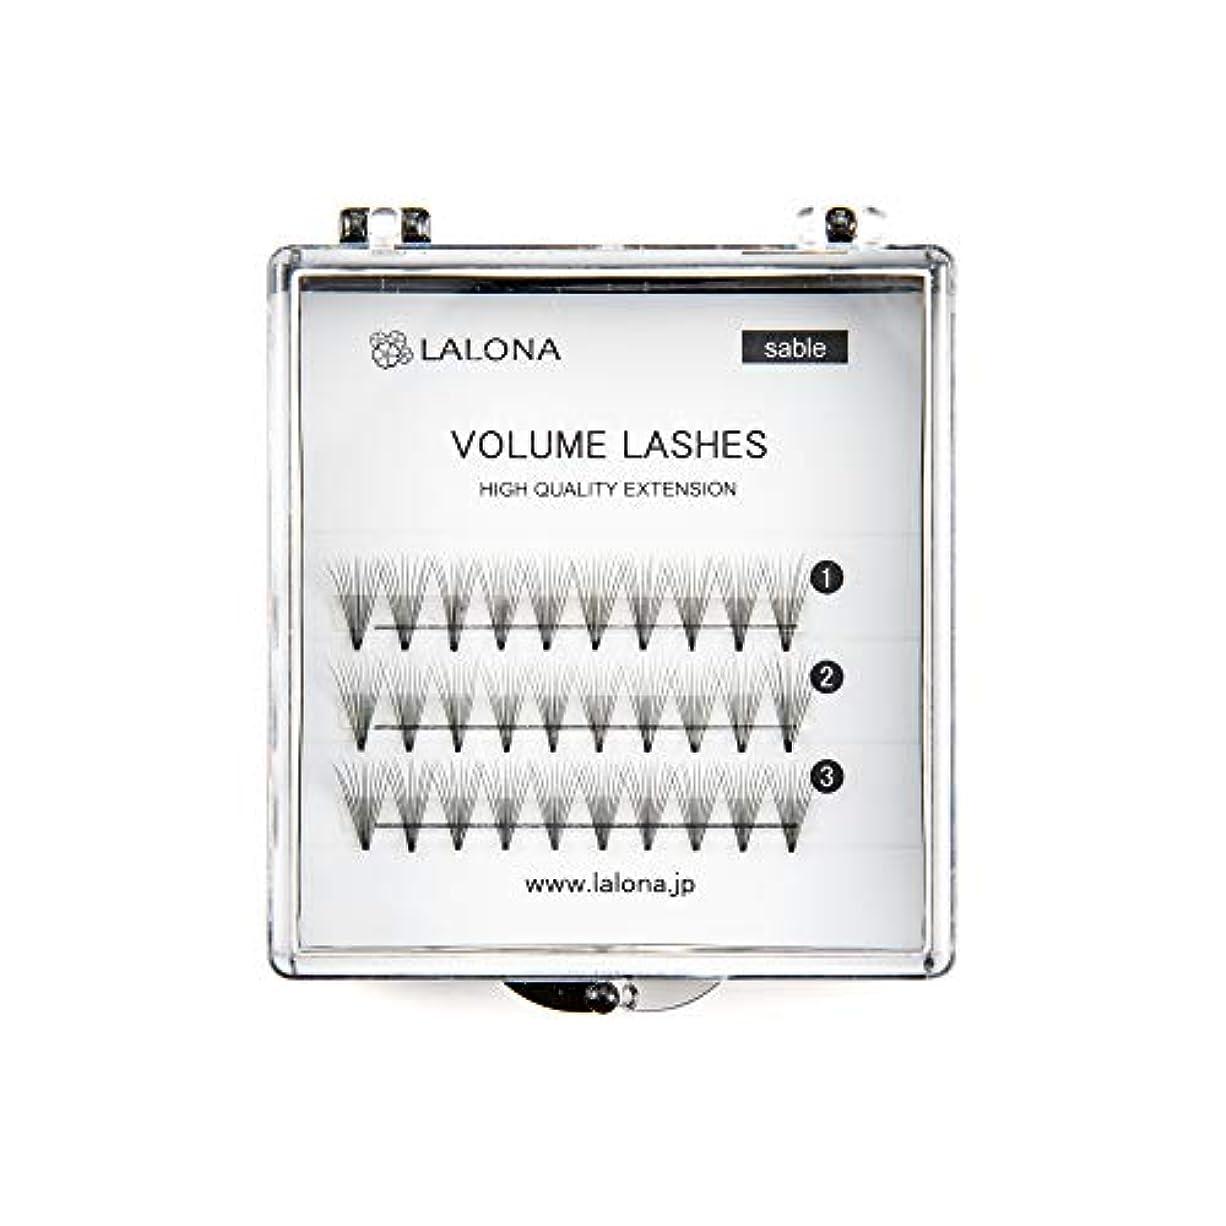 ポインタ効果的にダウンLALONA [ ラローナ ] ボリュームラッシュ (10D) (30pcs) まつげエクステ 10本束 フレアラッシュ まつエク 束まつげ セーブル (Dカール / 11mm)